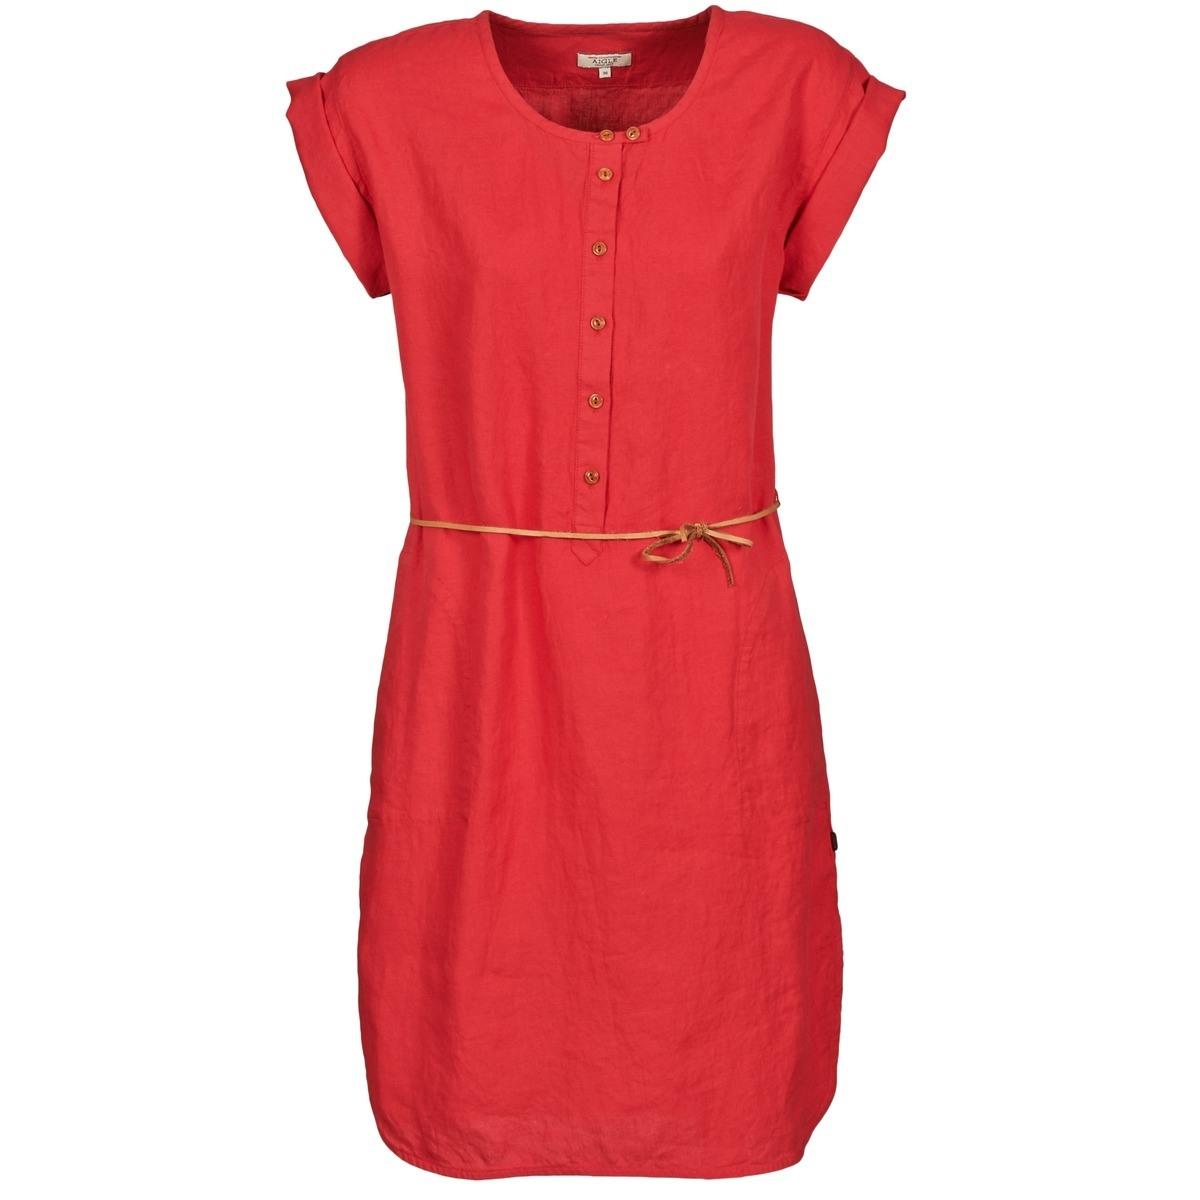 Damen kleider online bestellen